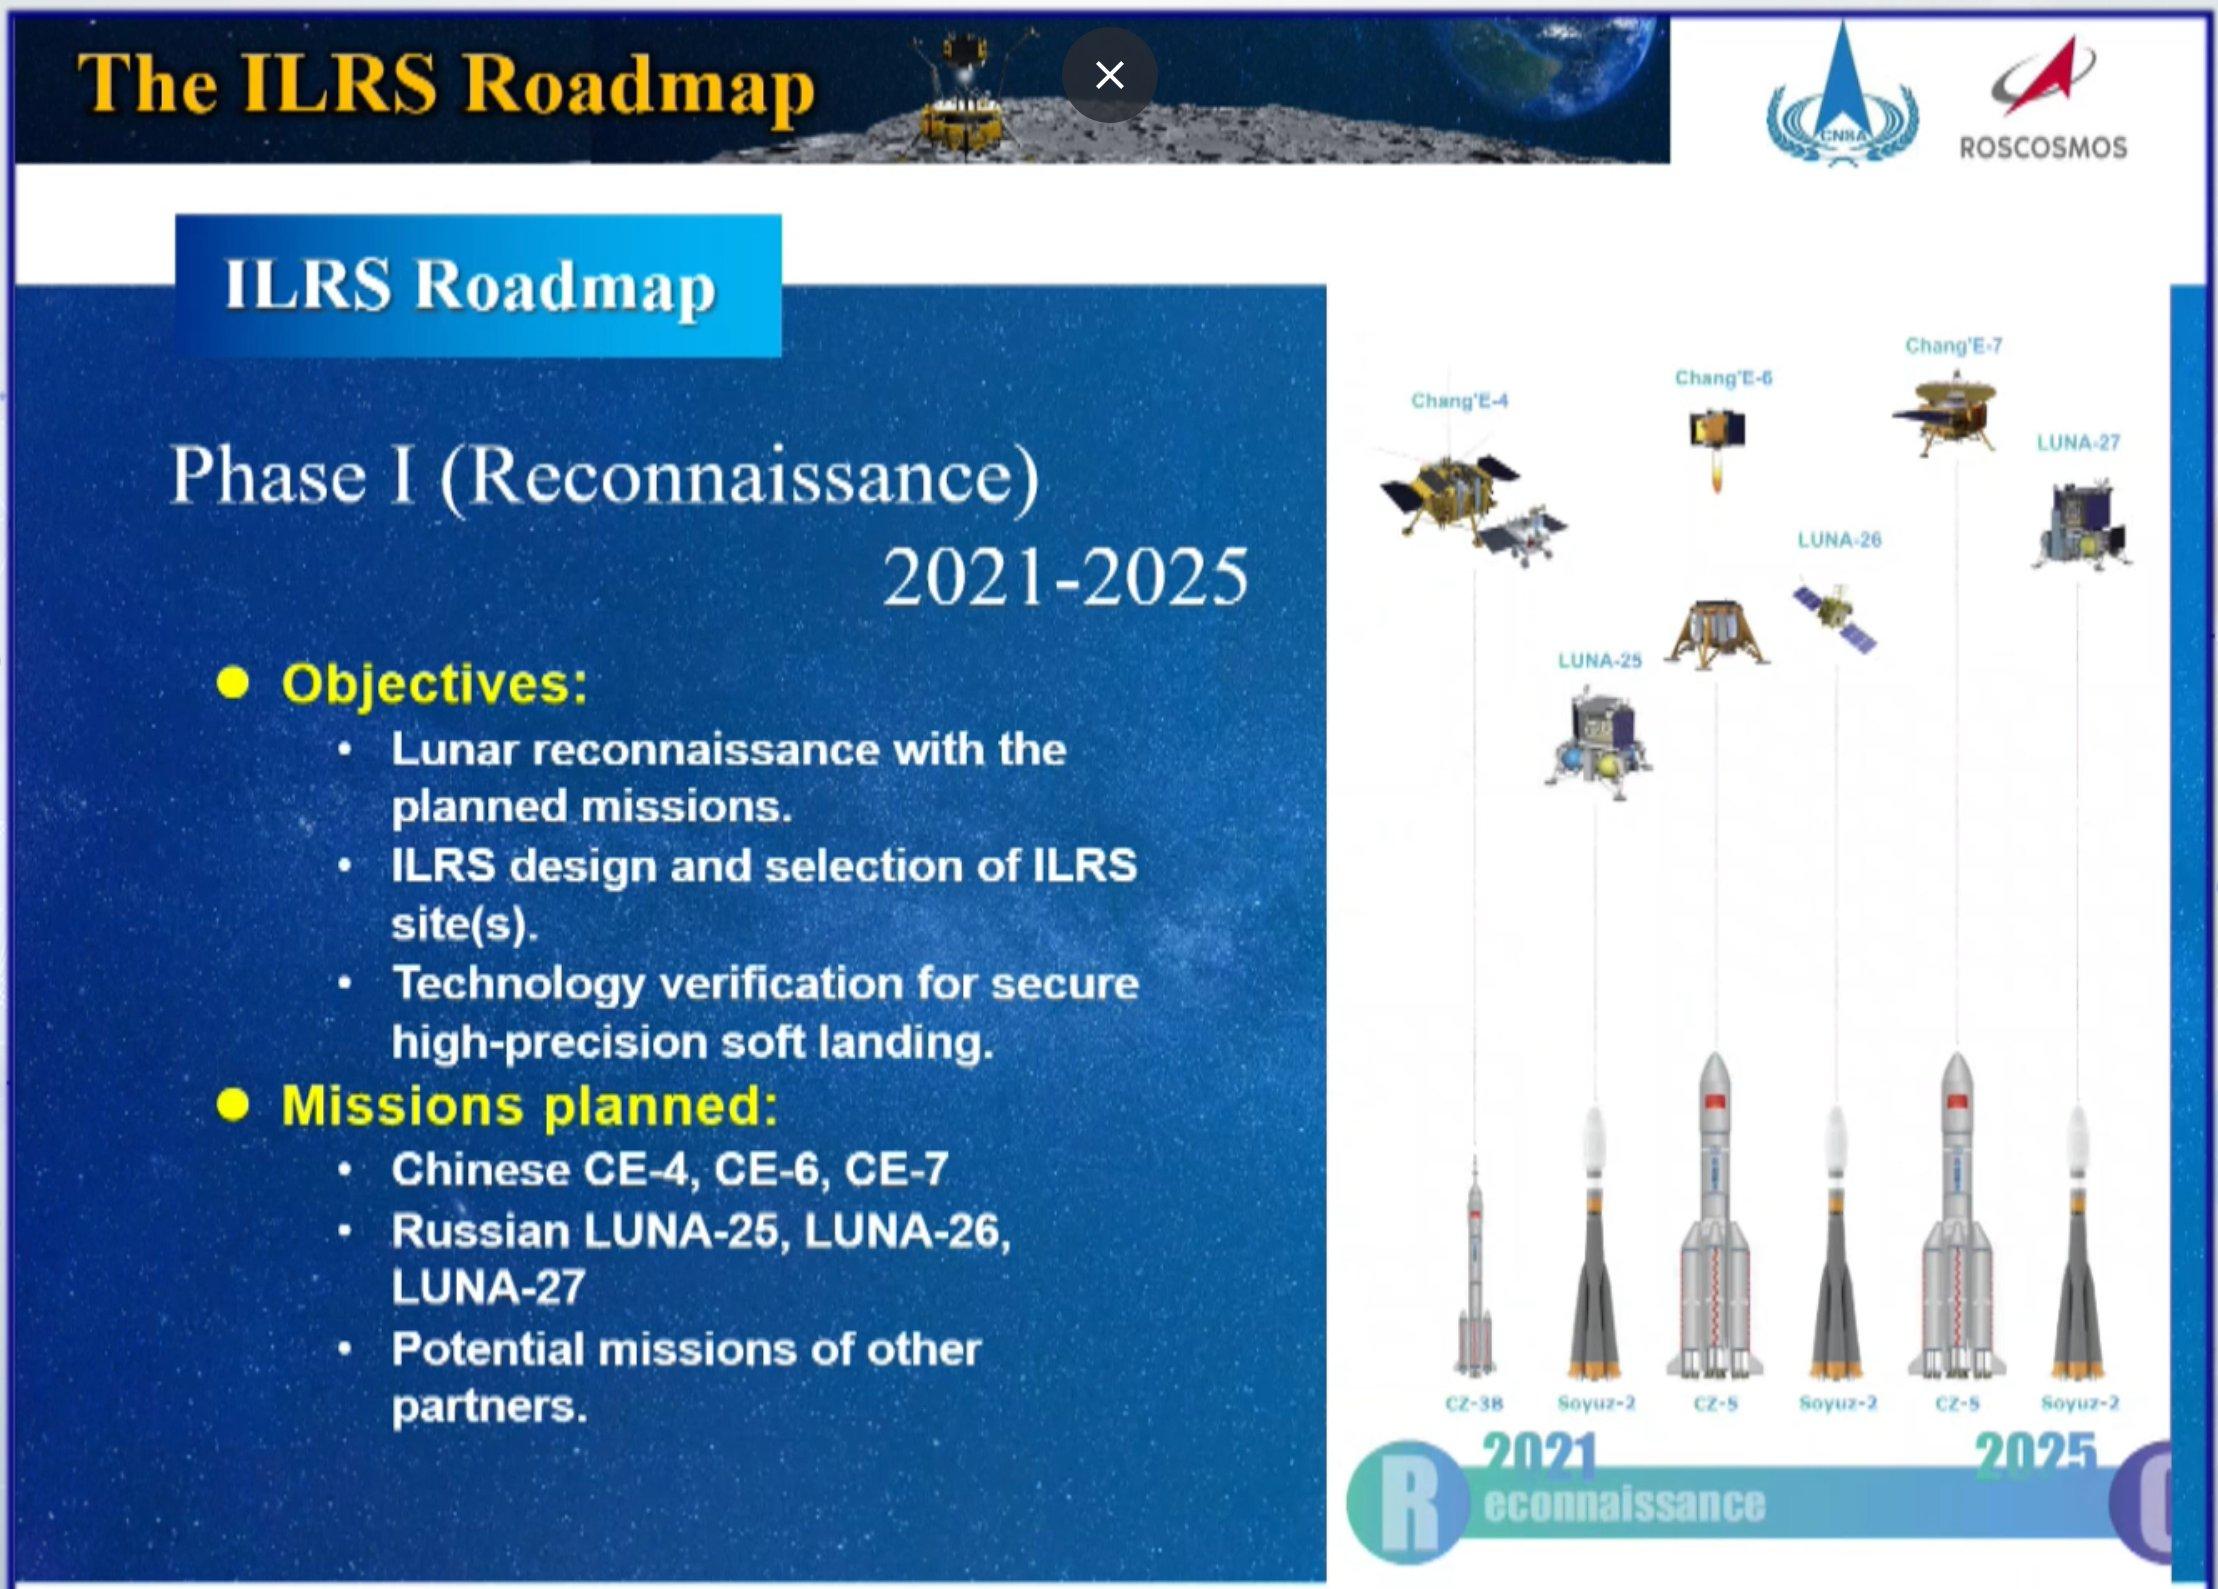 La prima fase dell'esplorazione lunare di Cina e Russia. Credits: Andrew Jones